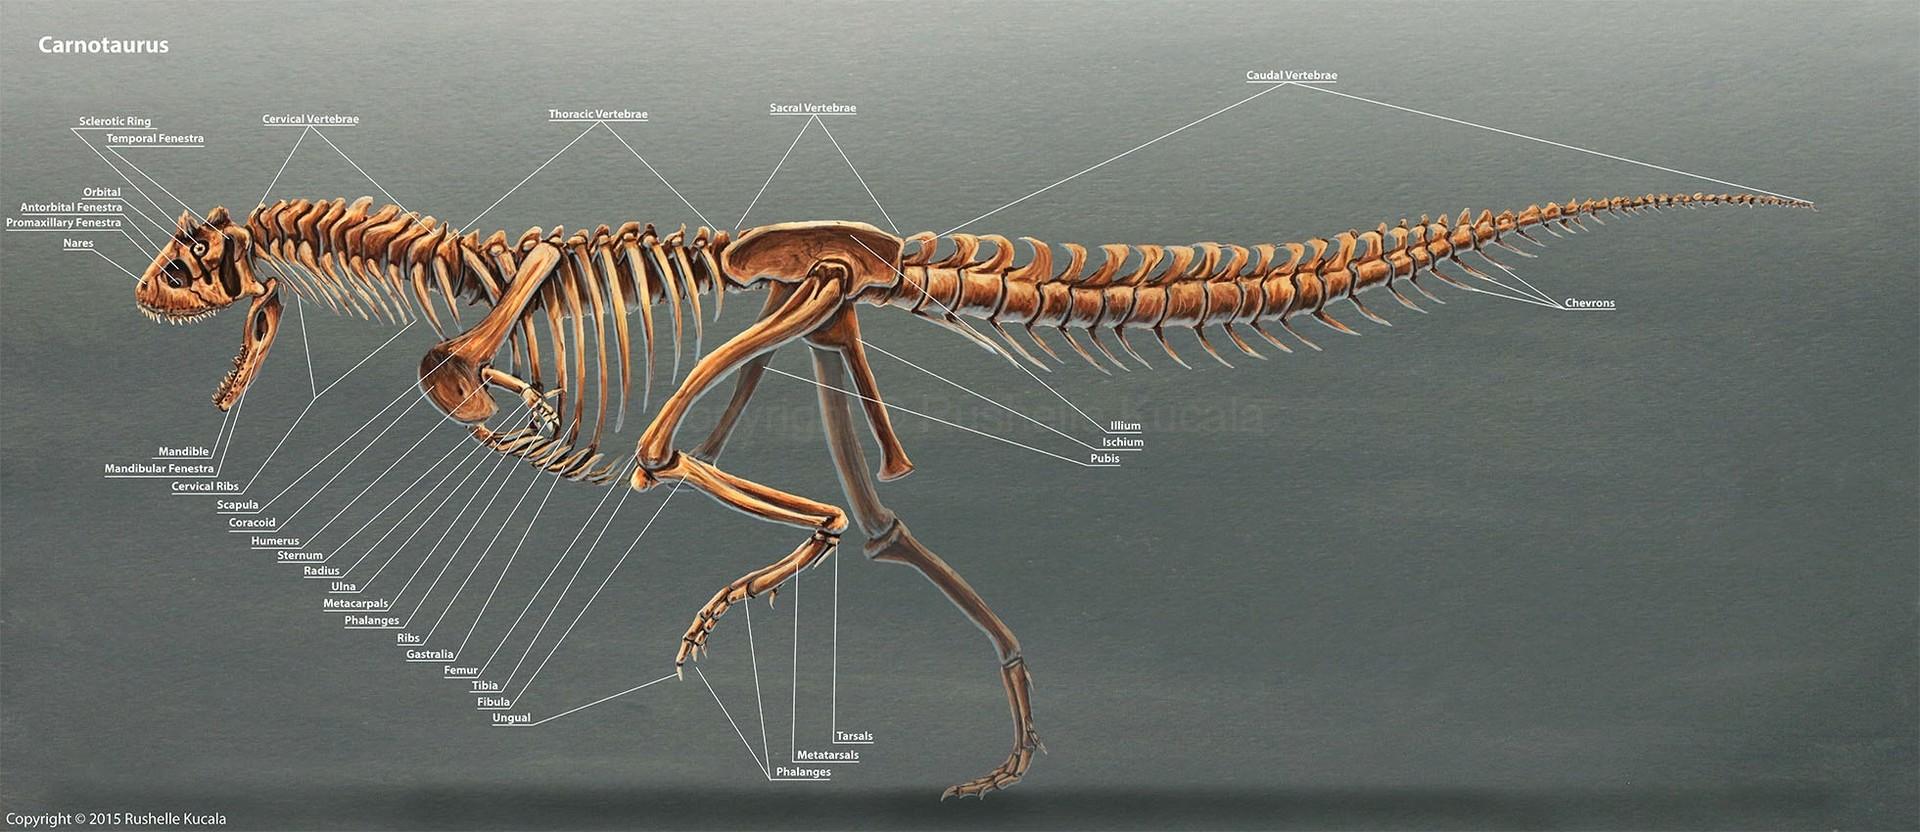 rushelle-kucala-carnotaurusskeleton-copy